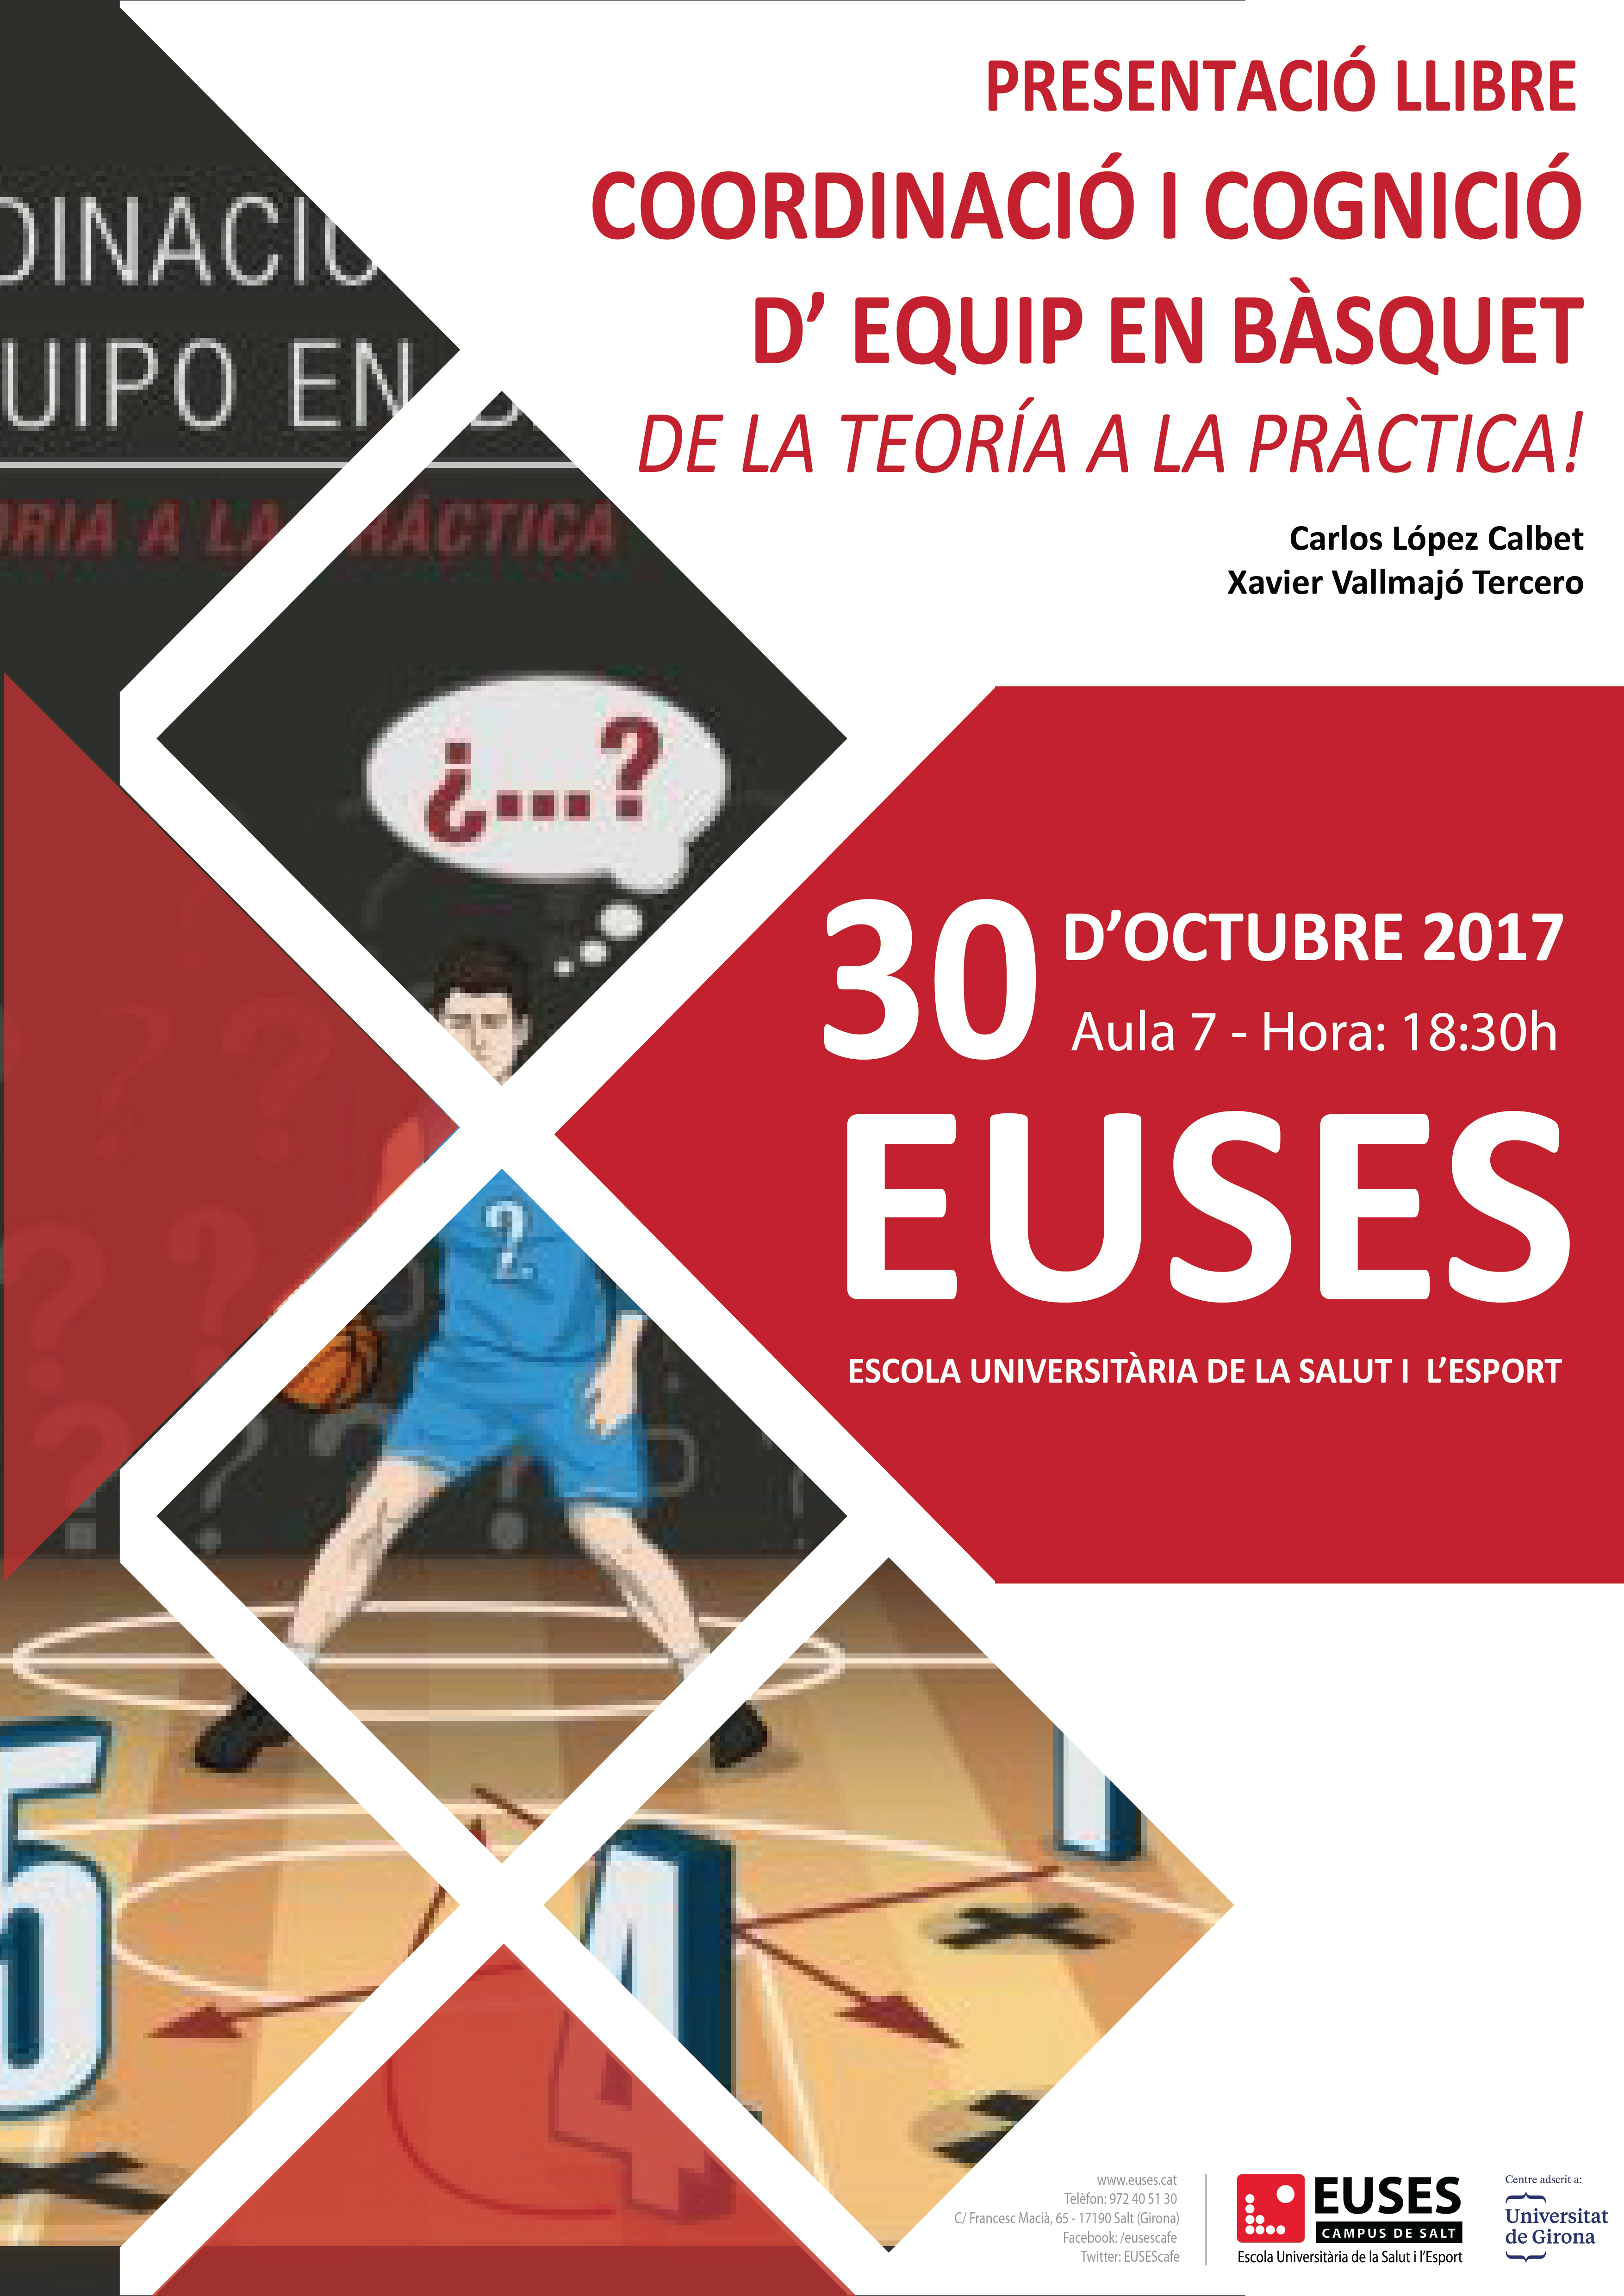 """El professor Carlos López presenta el dilluns dia 30 a EUSES el llibre """"Coordinació i cognició d'equip en bàsquet. De la teoria a la pràctica"""""""